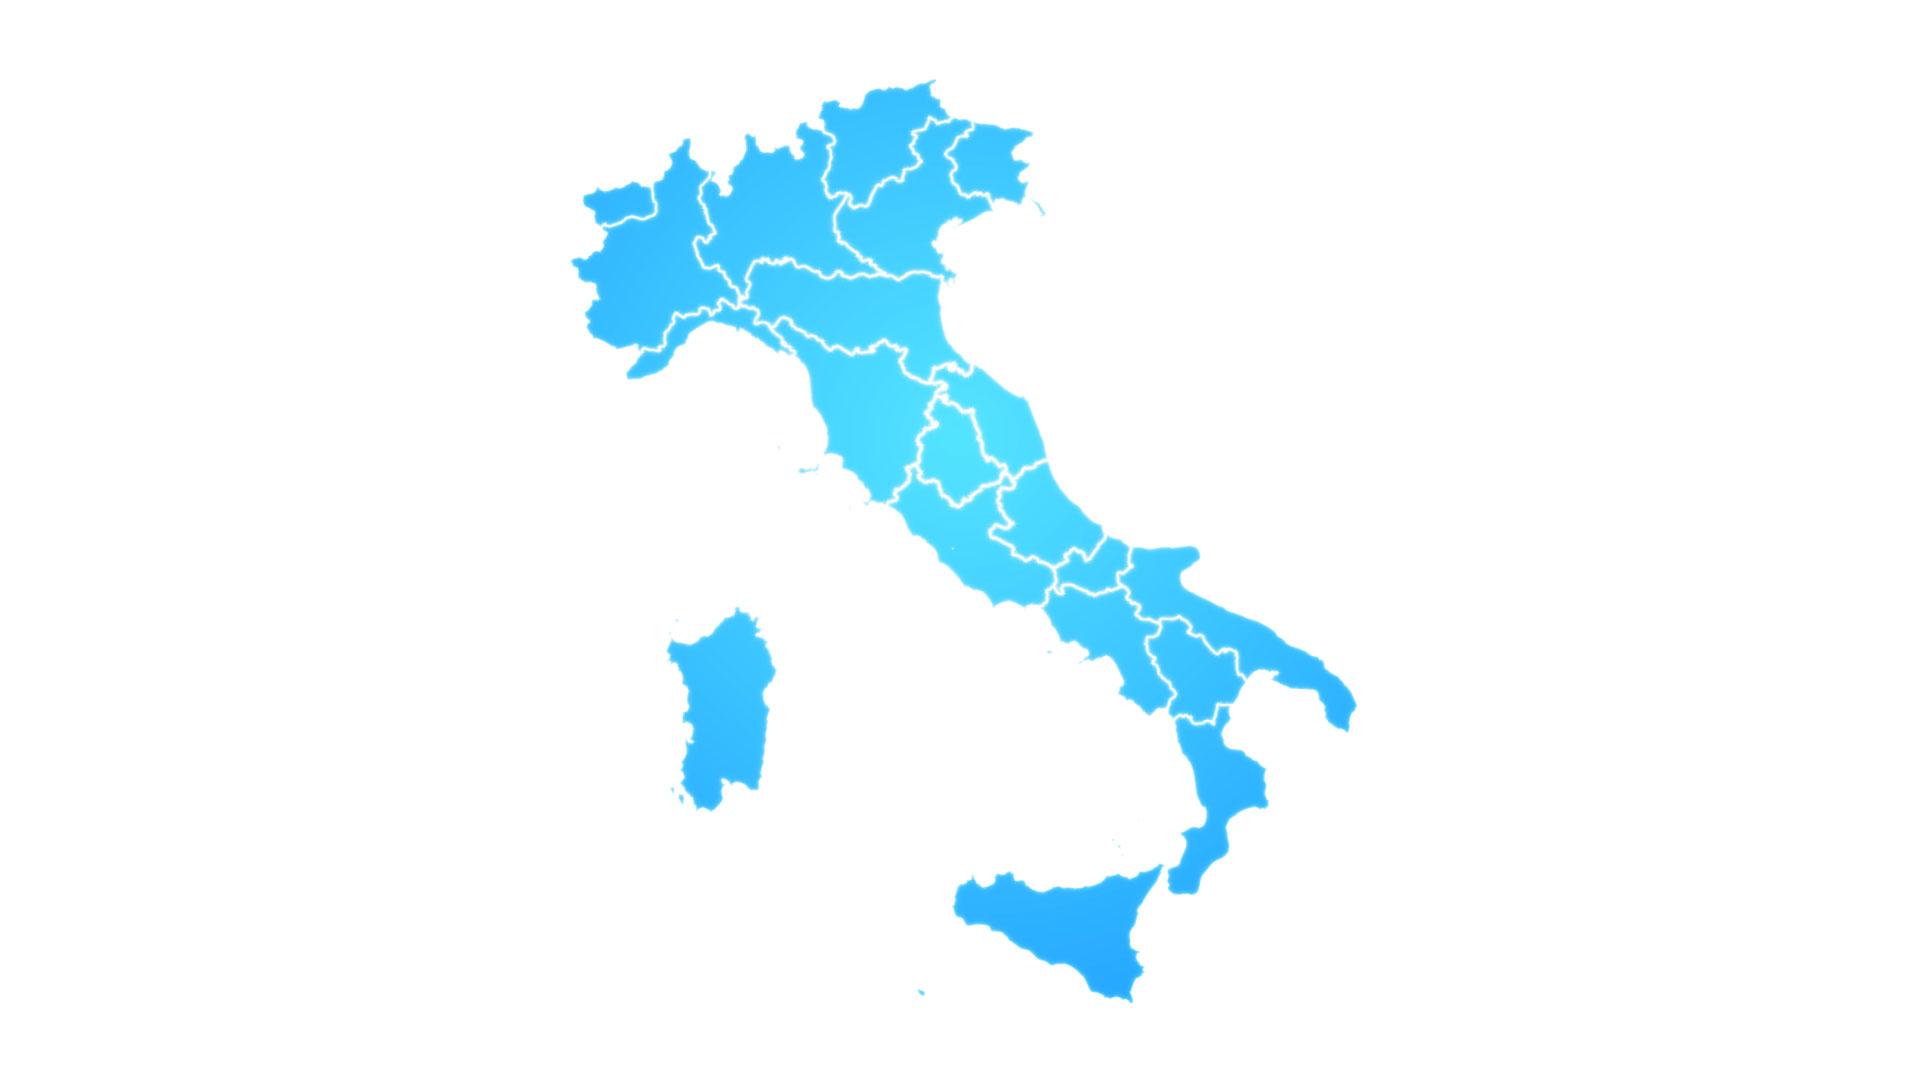 Karta Italien Regioner.Italiensk Karta Visar Upp Intro Med Nya Regioner Gratis Hd